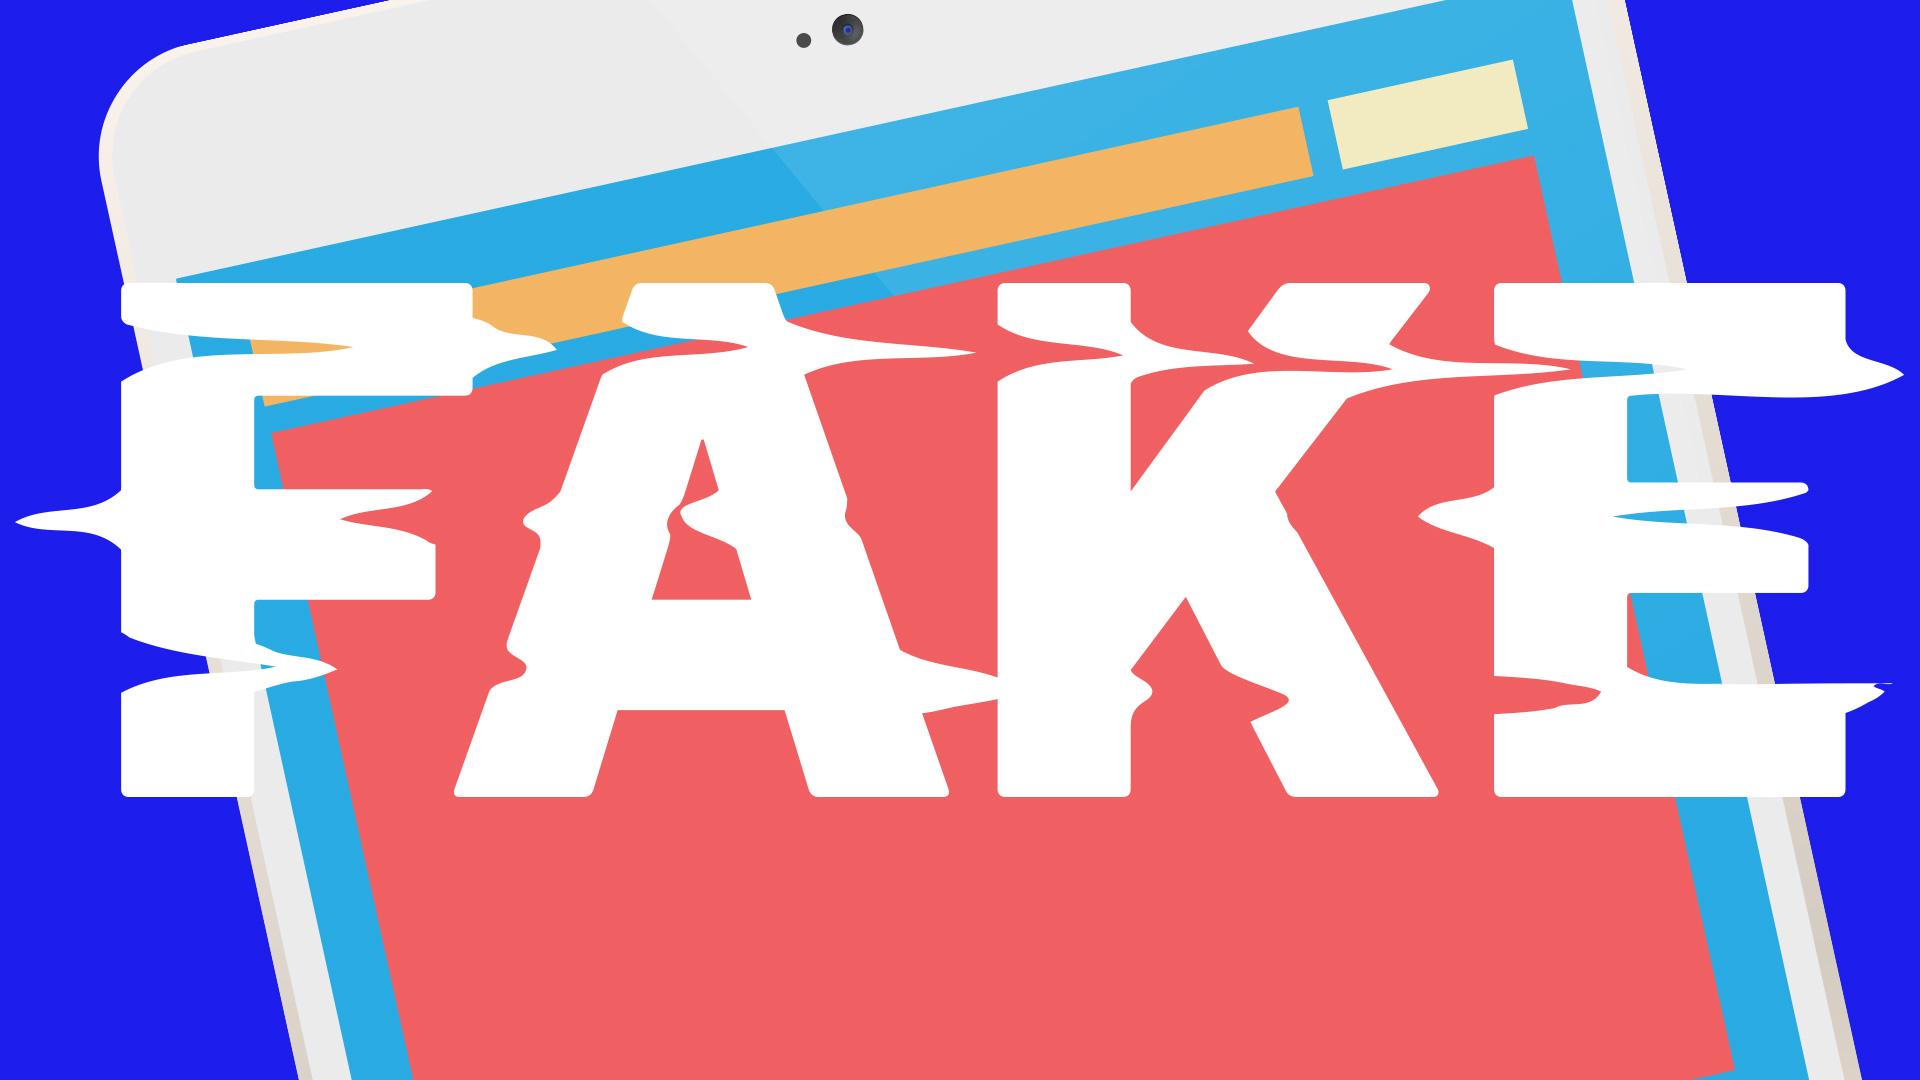 Todo-es-Fake_episodio_10_02 (1)